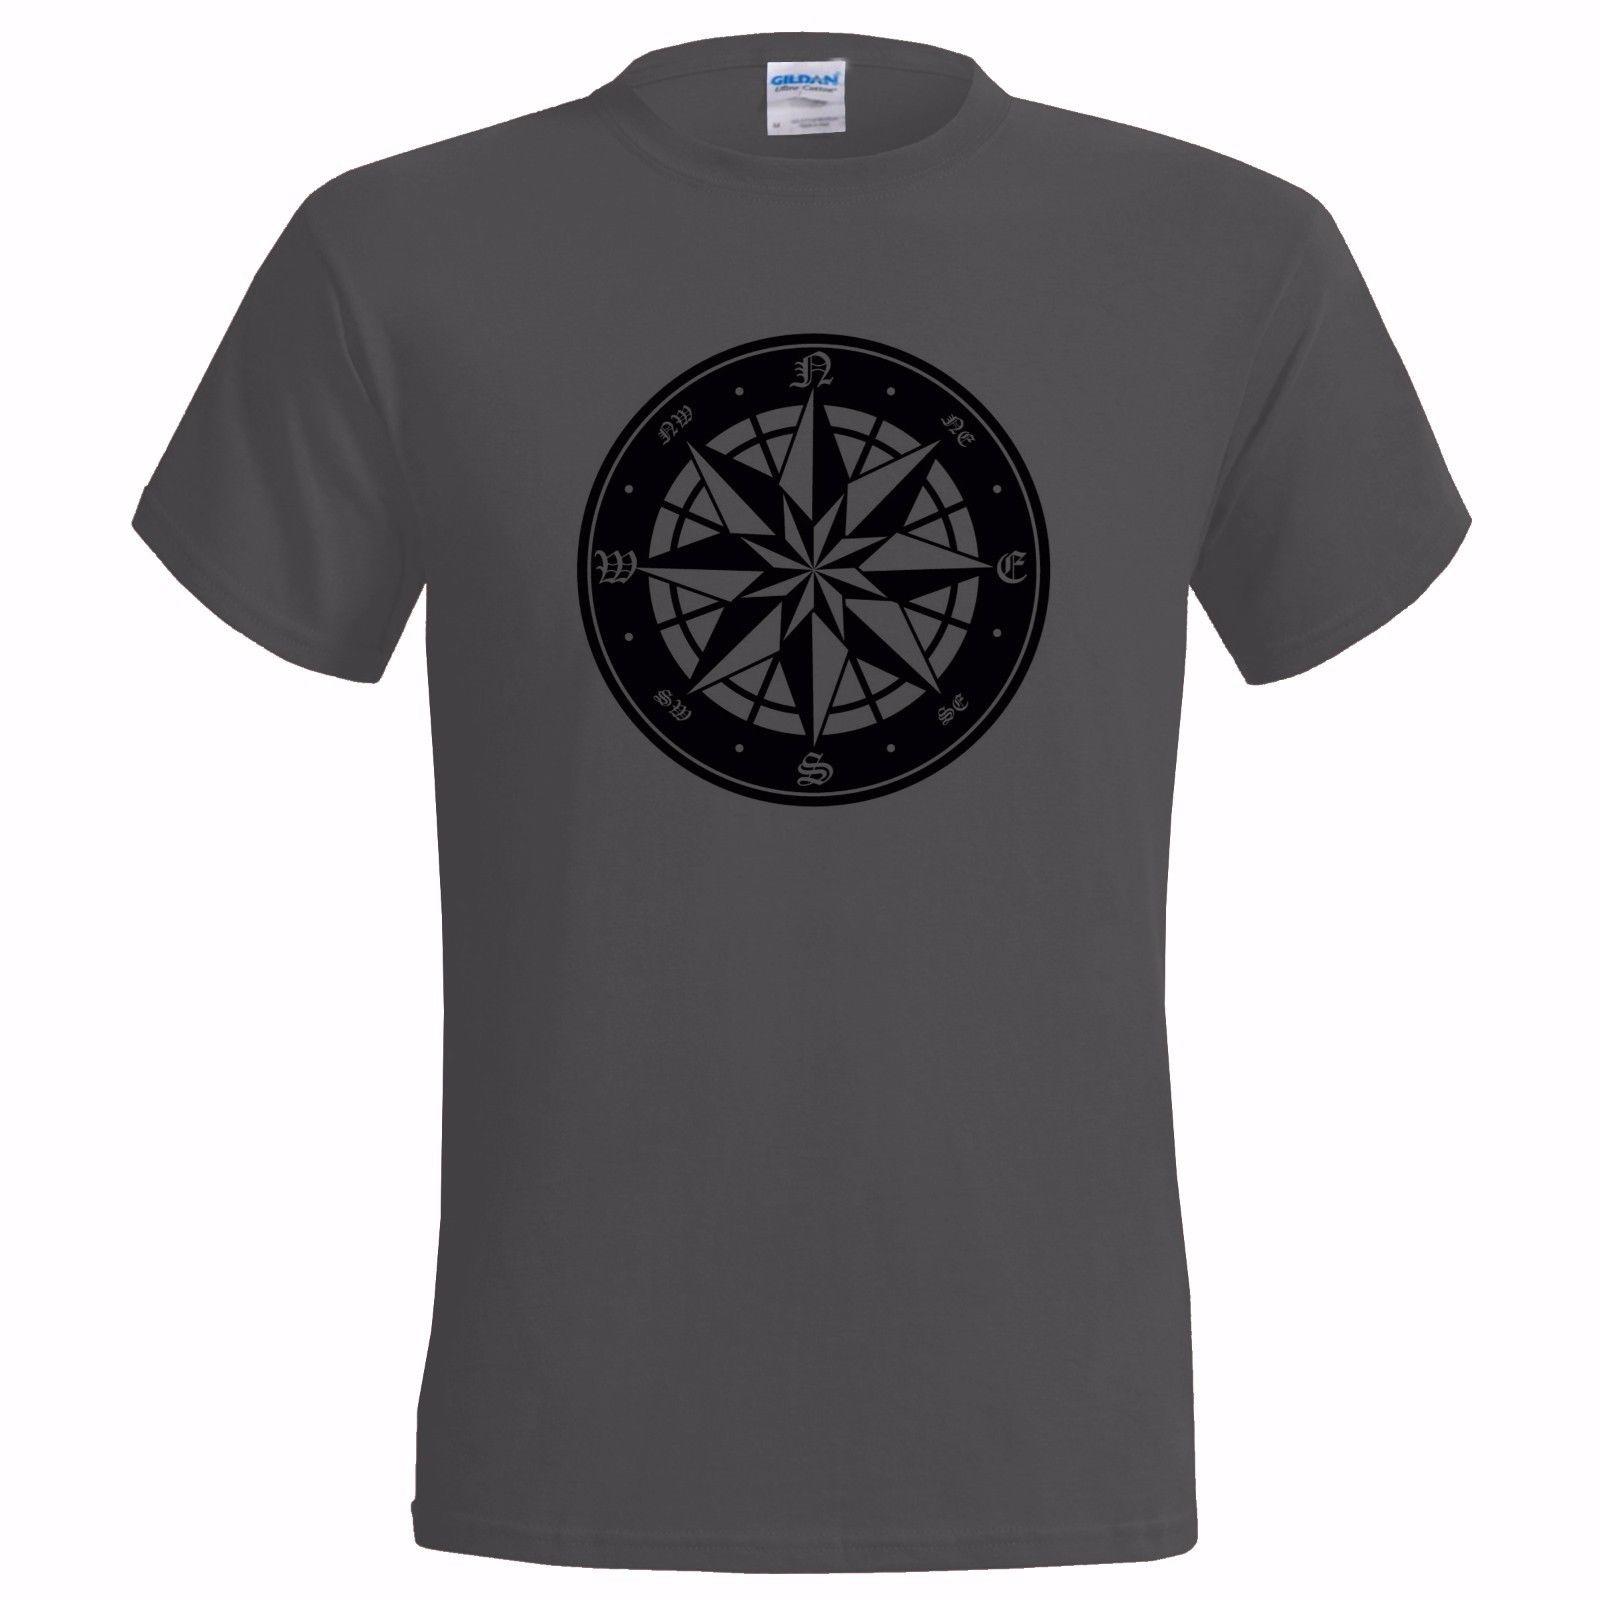 Camiseta de algodón con estampado de 100% para hombre, camiseta con diseño de brújula para hombre, camiseta para trepar y caminar por la montaña, Camiseta con estampado del ejército